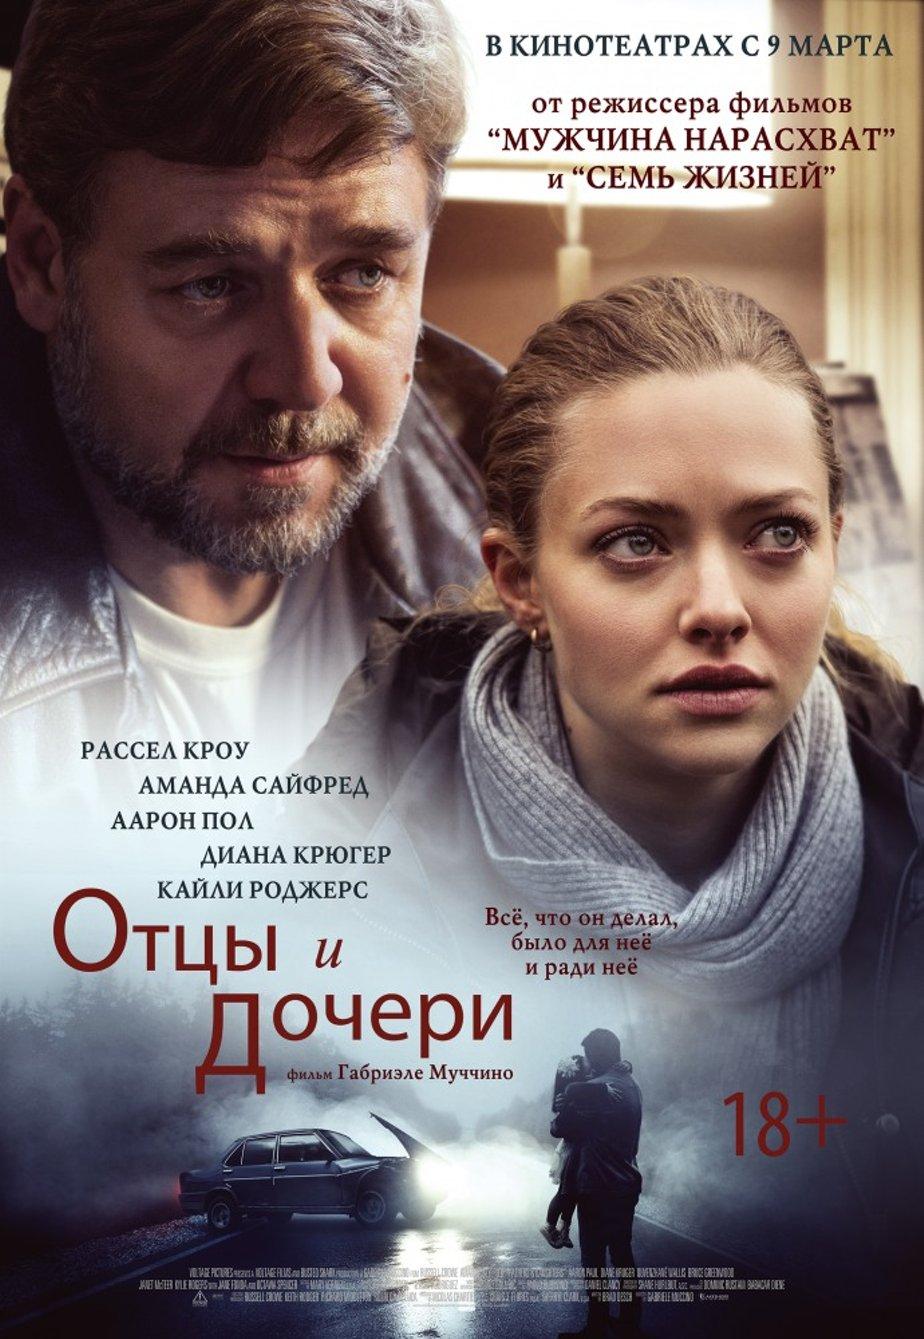 Отцы и дочери фильм 2018 актеры